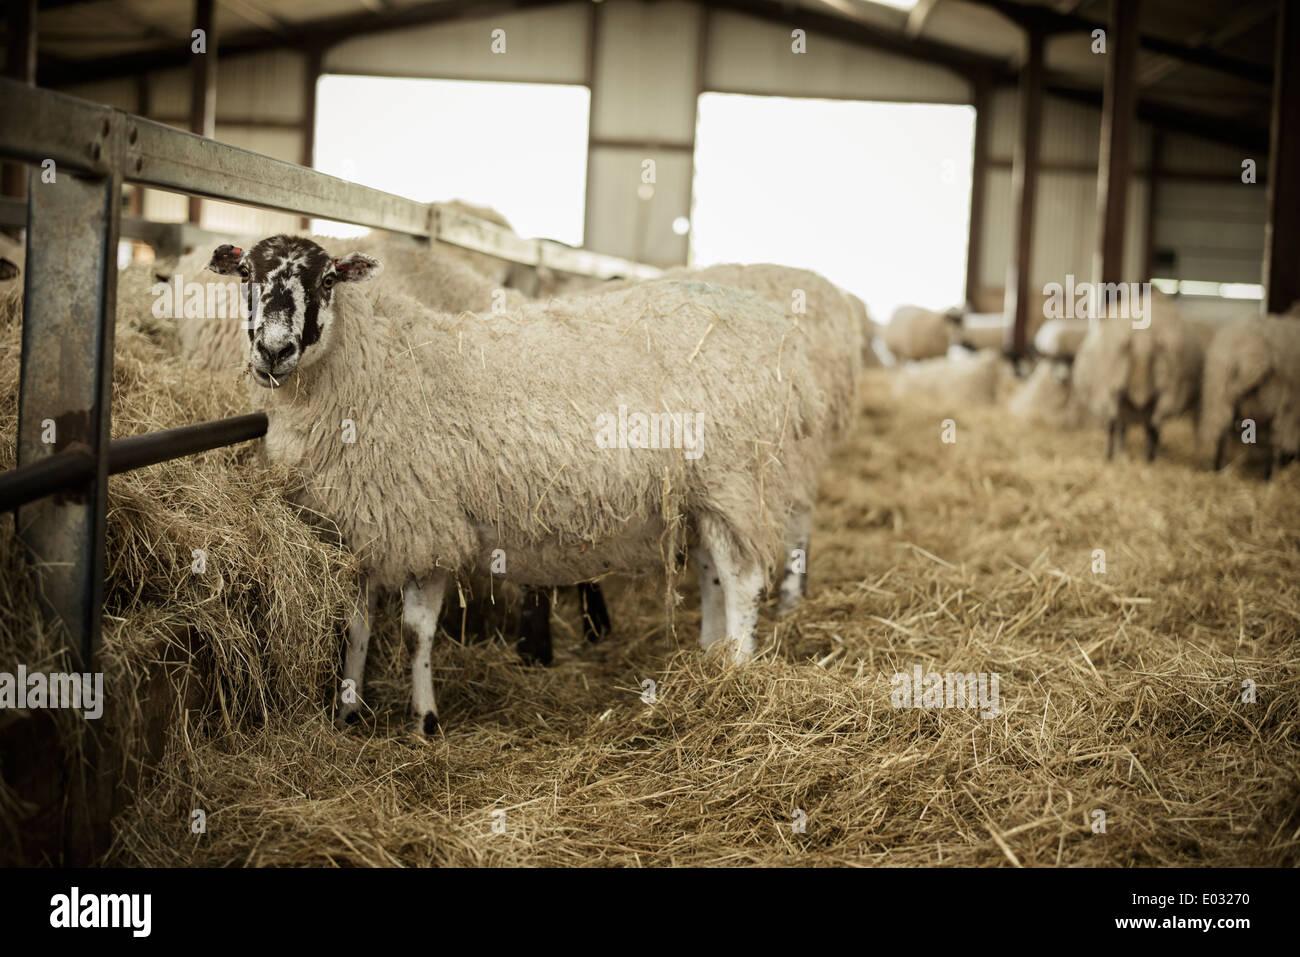 En una granja de ovejas durante la parición. Imagen De Stock